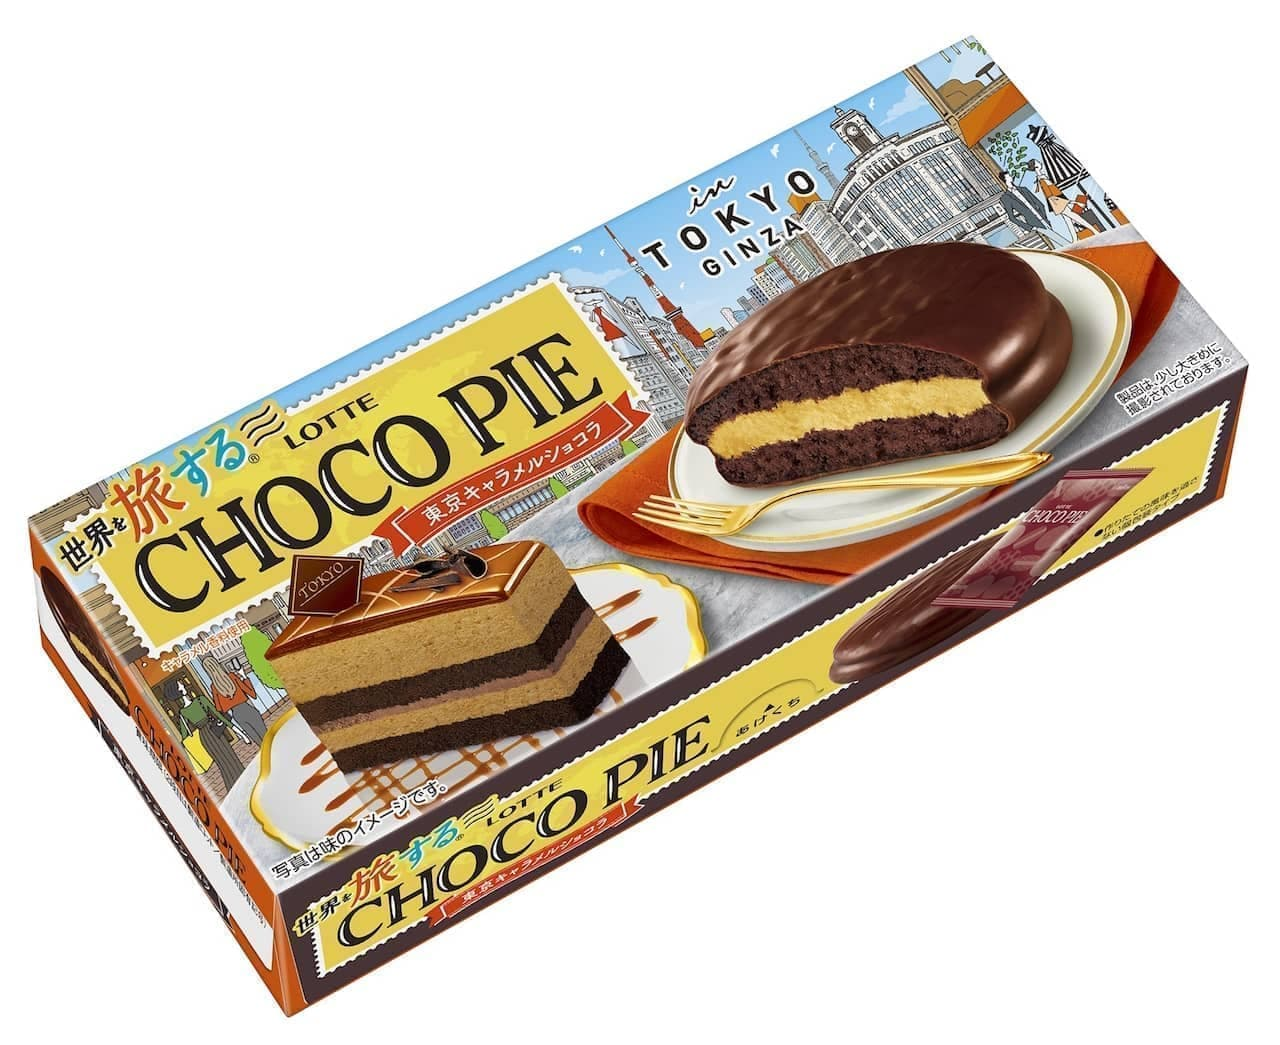 ロッテ「世界を旅する チョコパイ<東京キャラメルショコラ>」